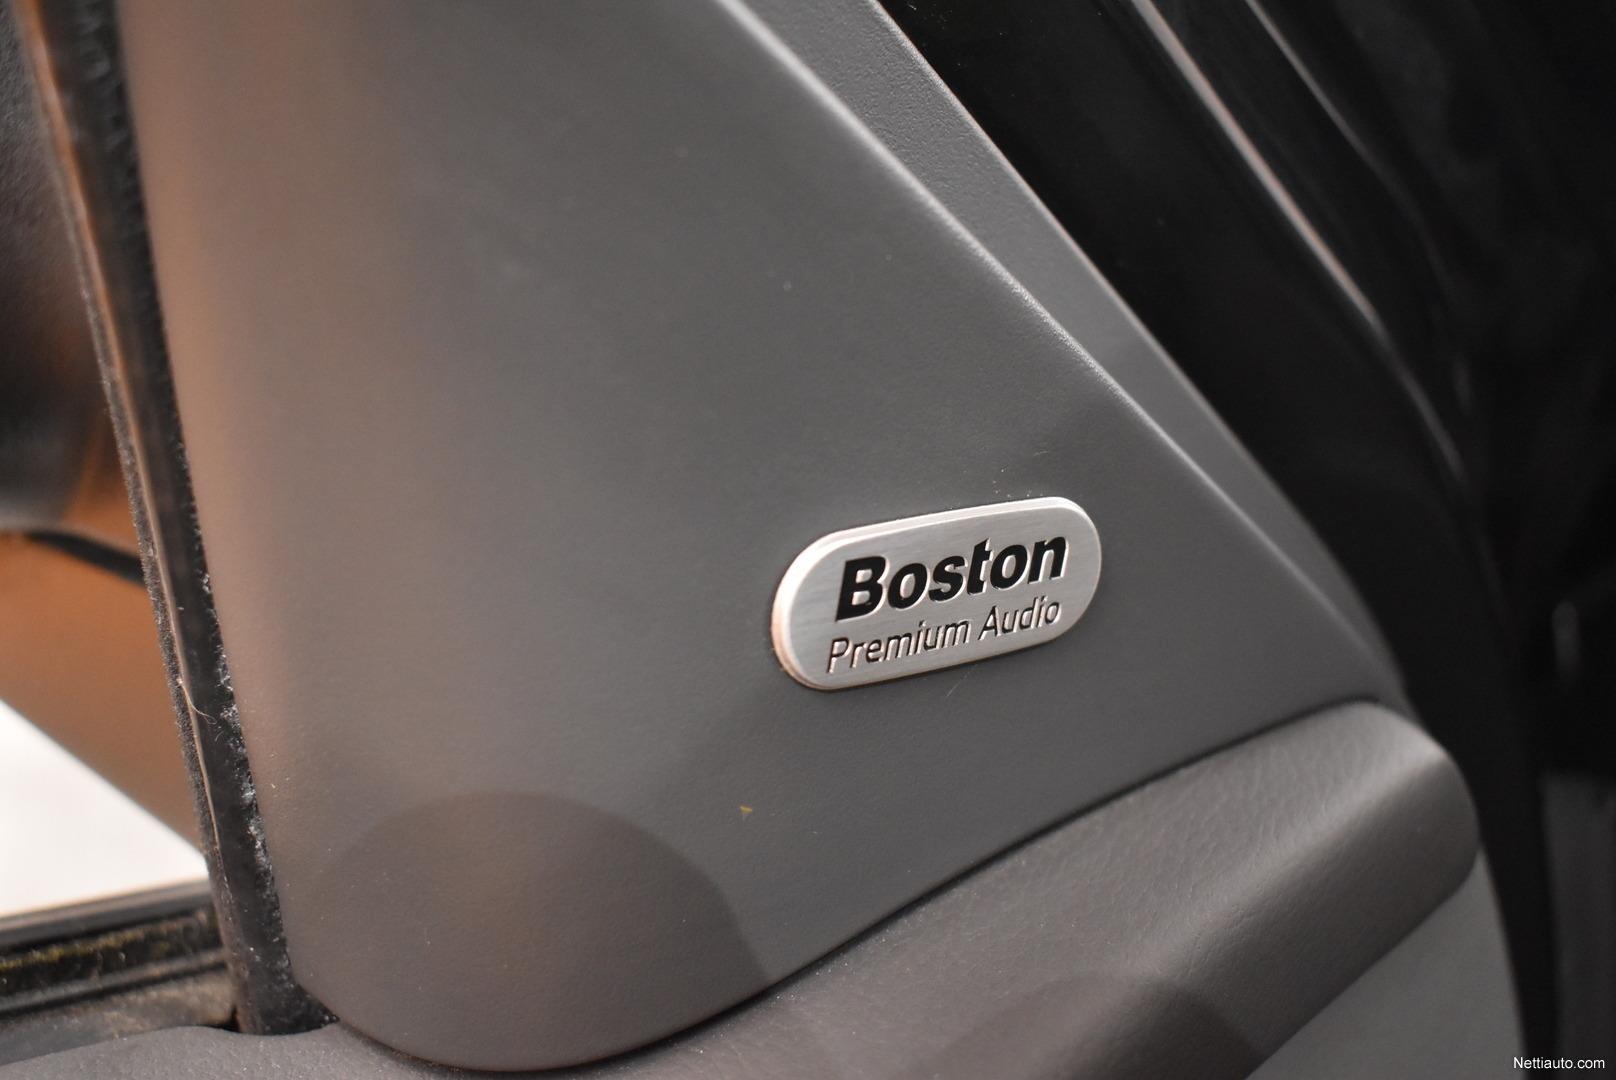 Yli 40 dating Boston